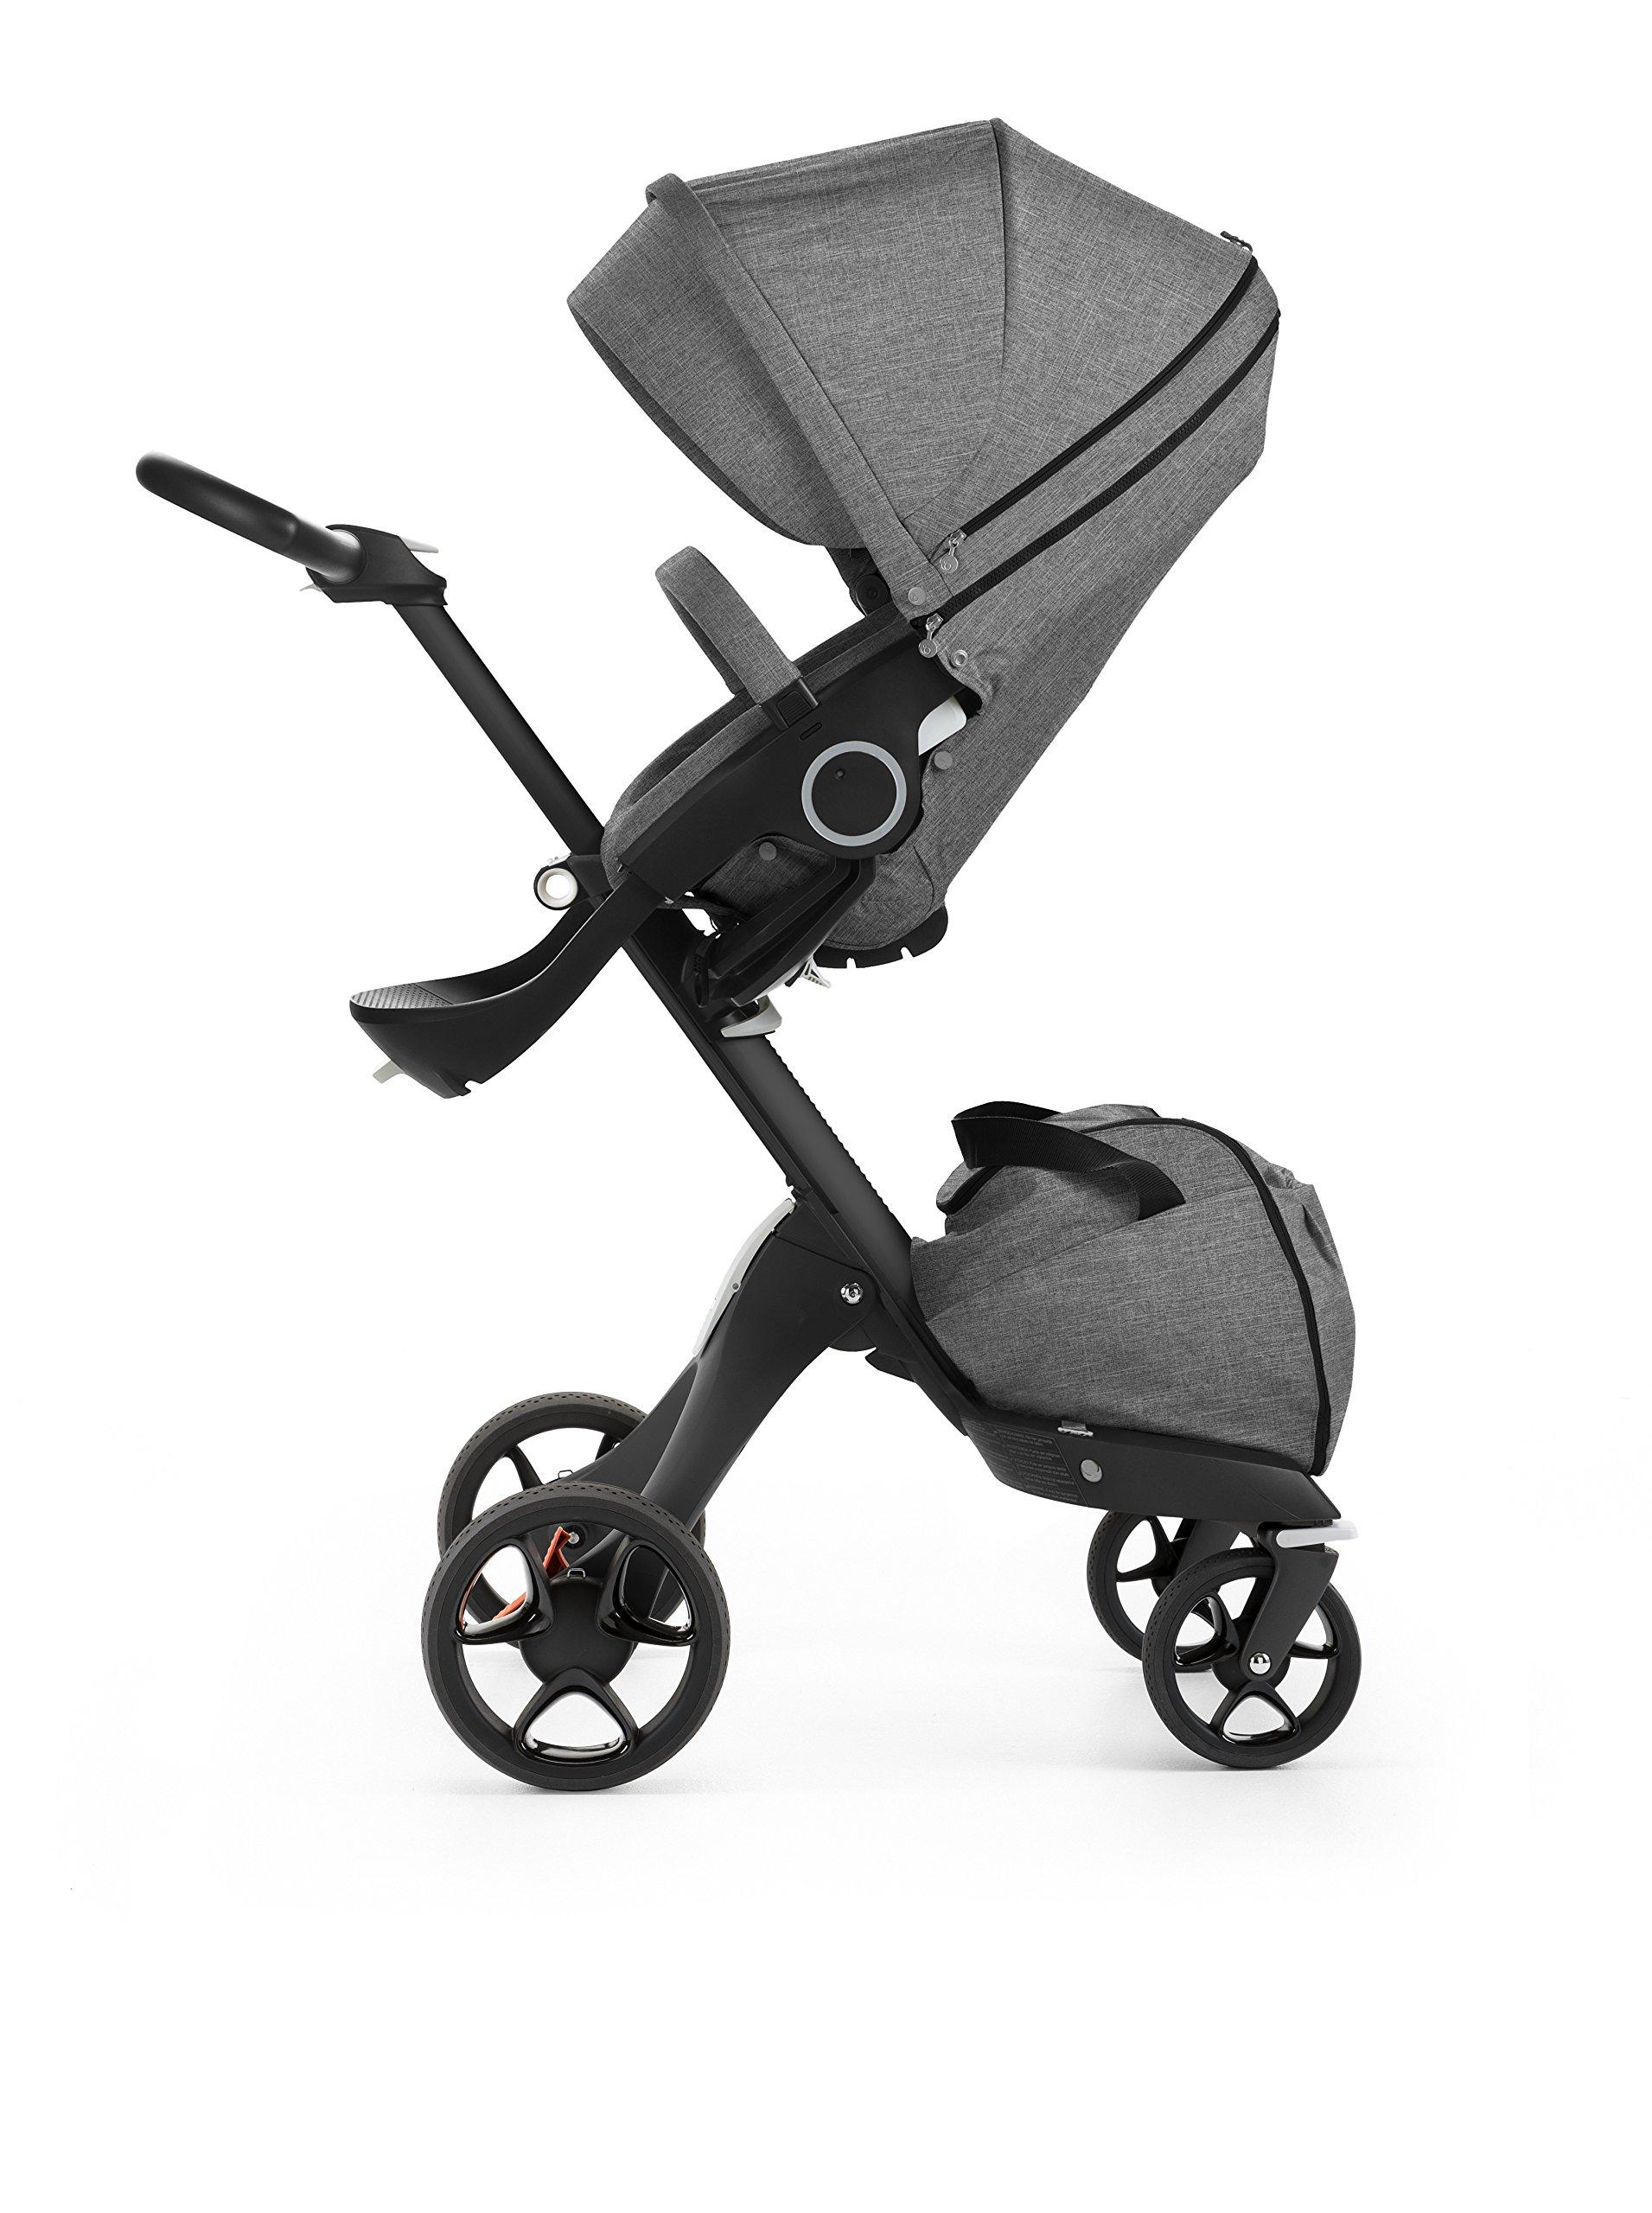 Stokke Black V5 / Chassis With Complete Stroller Seat, Parasol and Cup Holder, Black Melange